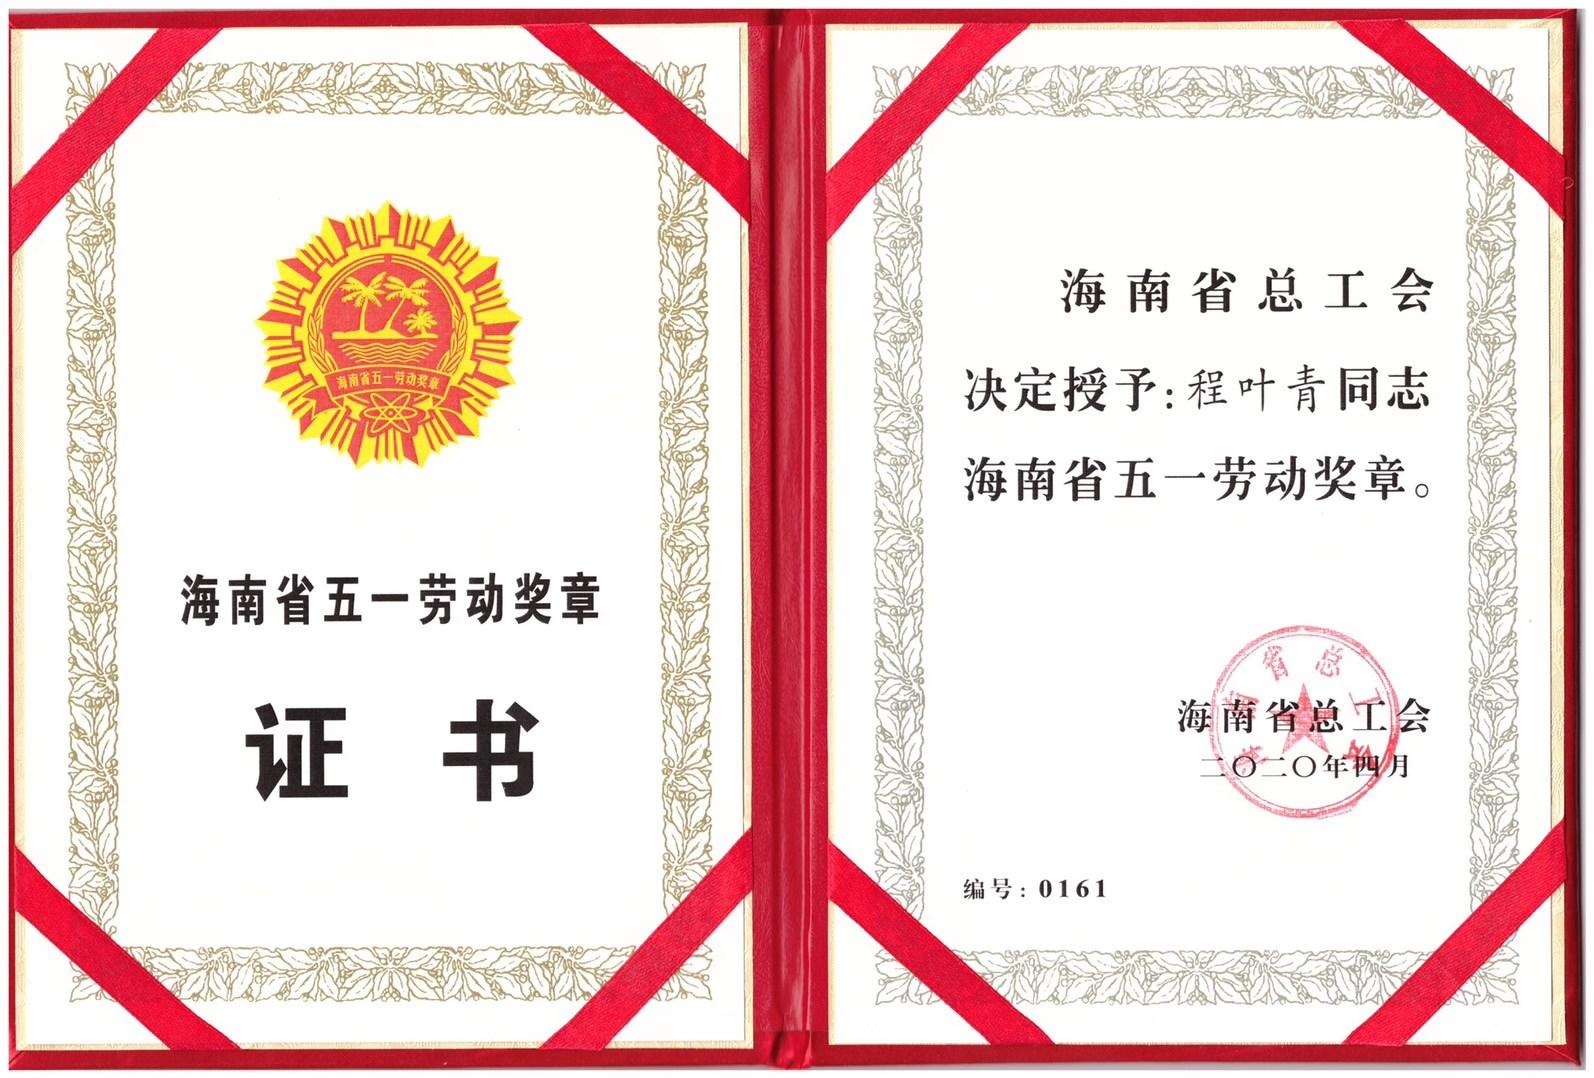 我院程叶青荣教授获海南省五一劳动奖章